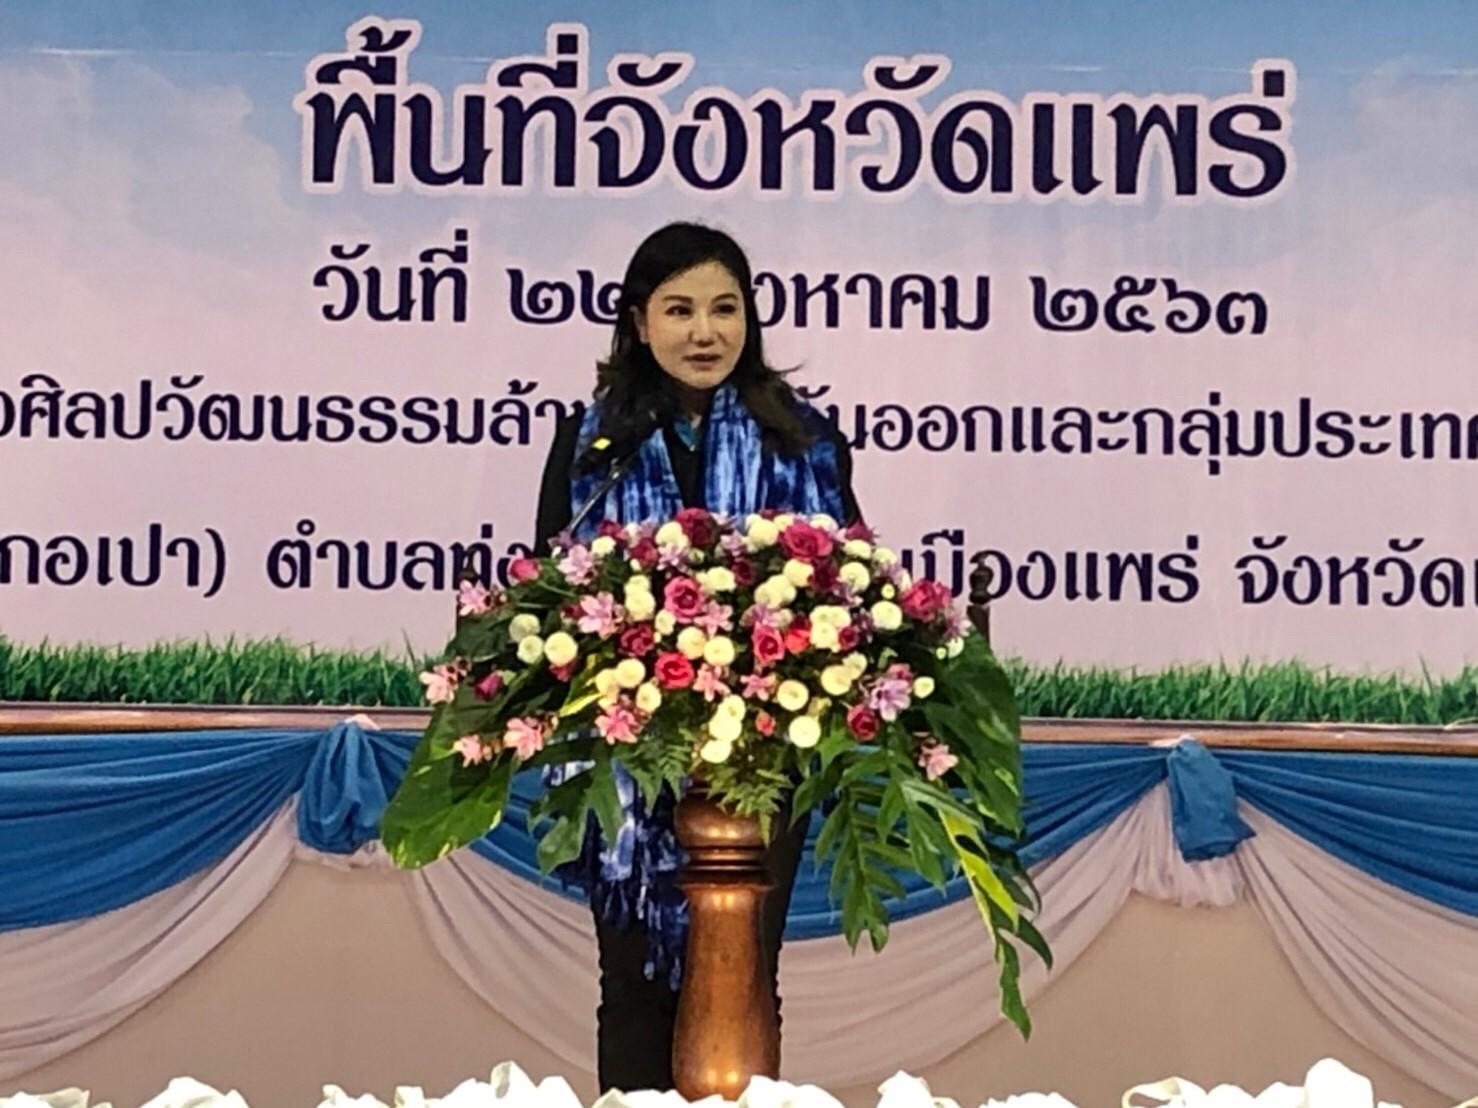 รองอธิบดีกรมการจัดหางาน   ลงพื้นที่ จ.แพร่ ร่วมงาน การขับเคลื่อนไทยไปด้วยกัน  มอบถุงยังชีพแก่ผู้ประสบปัญหาความเดือดร้อนด้านอาชีพ และผู้มีรายได้น้อย